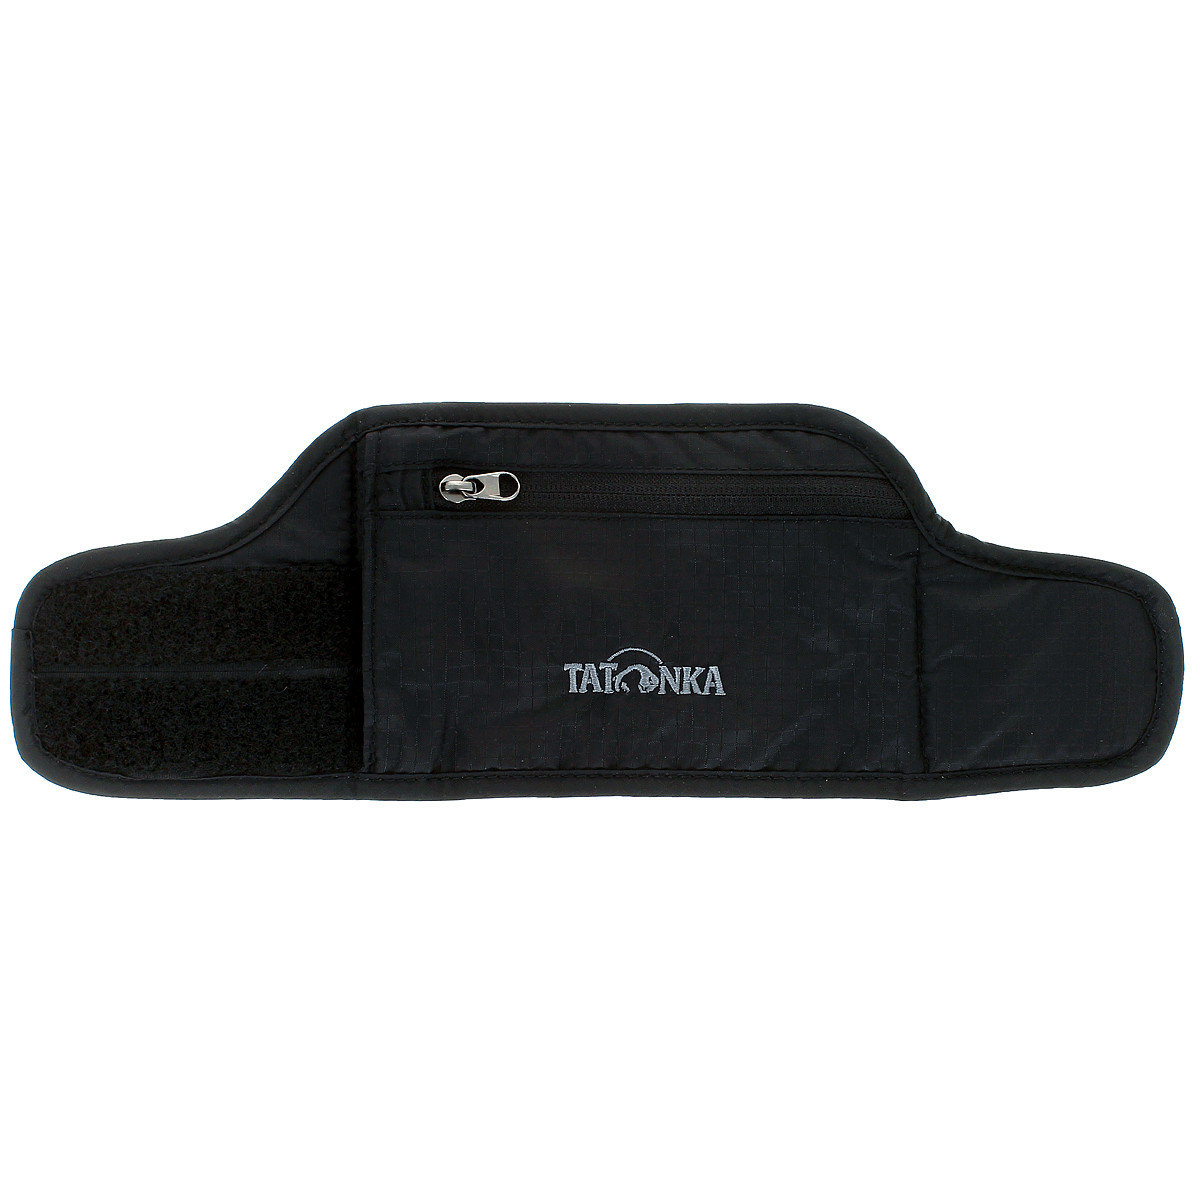 Кошелек на запястье Tatonka  Skin Wrist Wallet , потайной, цвет: черный - Несессеры и кошельки